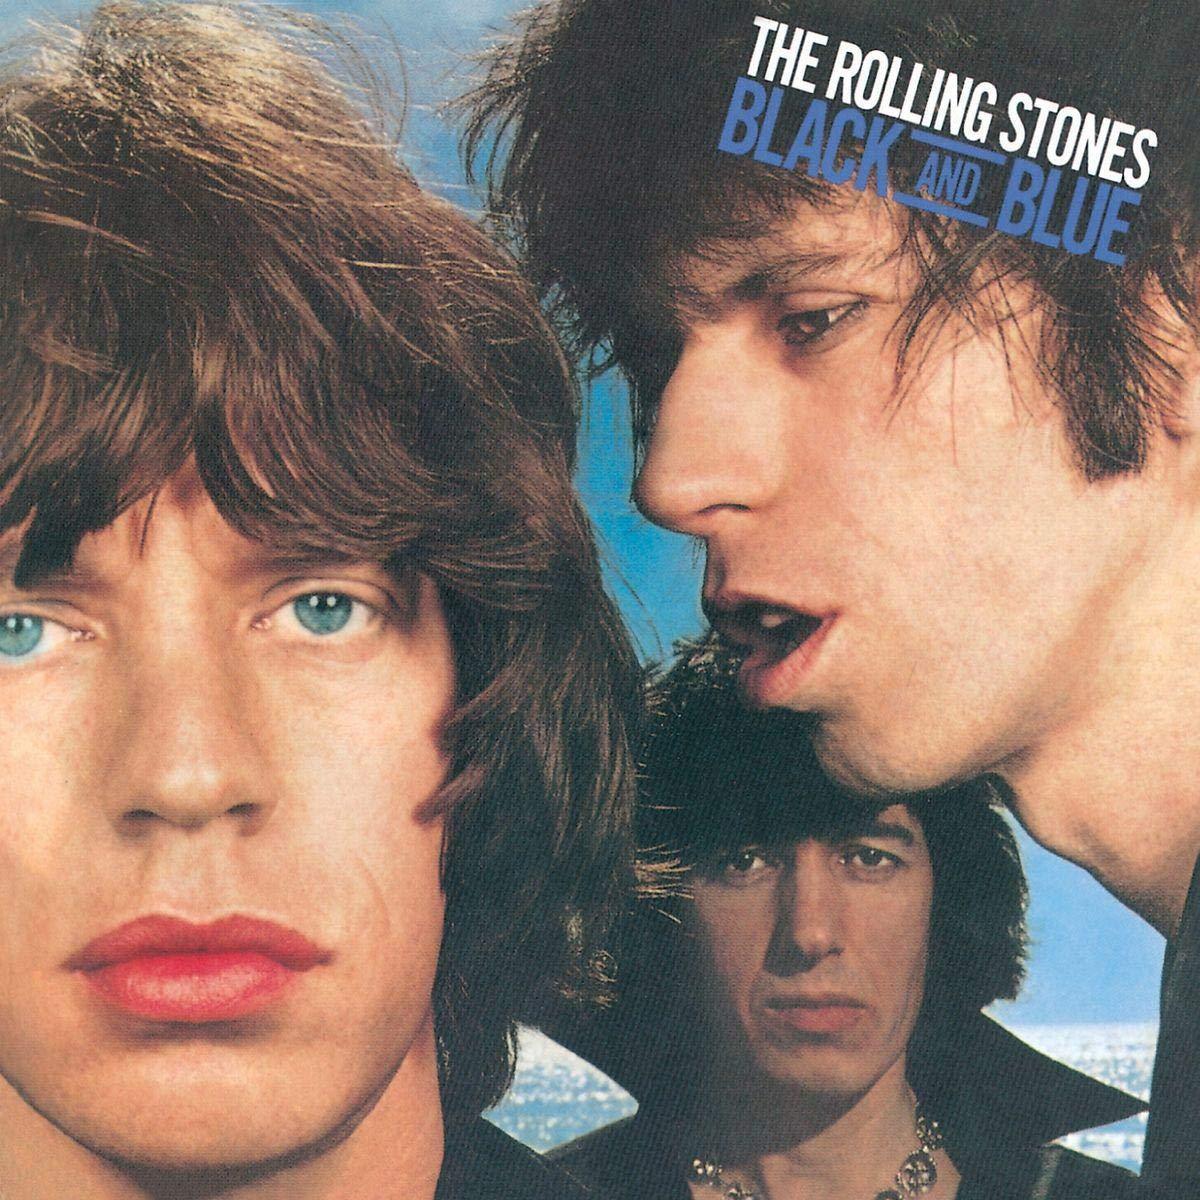 El Topic del Blues y algo mas (¿Cual es el disco mas antiguo que os poneis alguna vez?) 71ZThpXuuWL._SL1200_